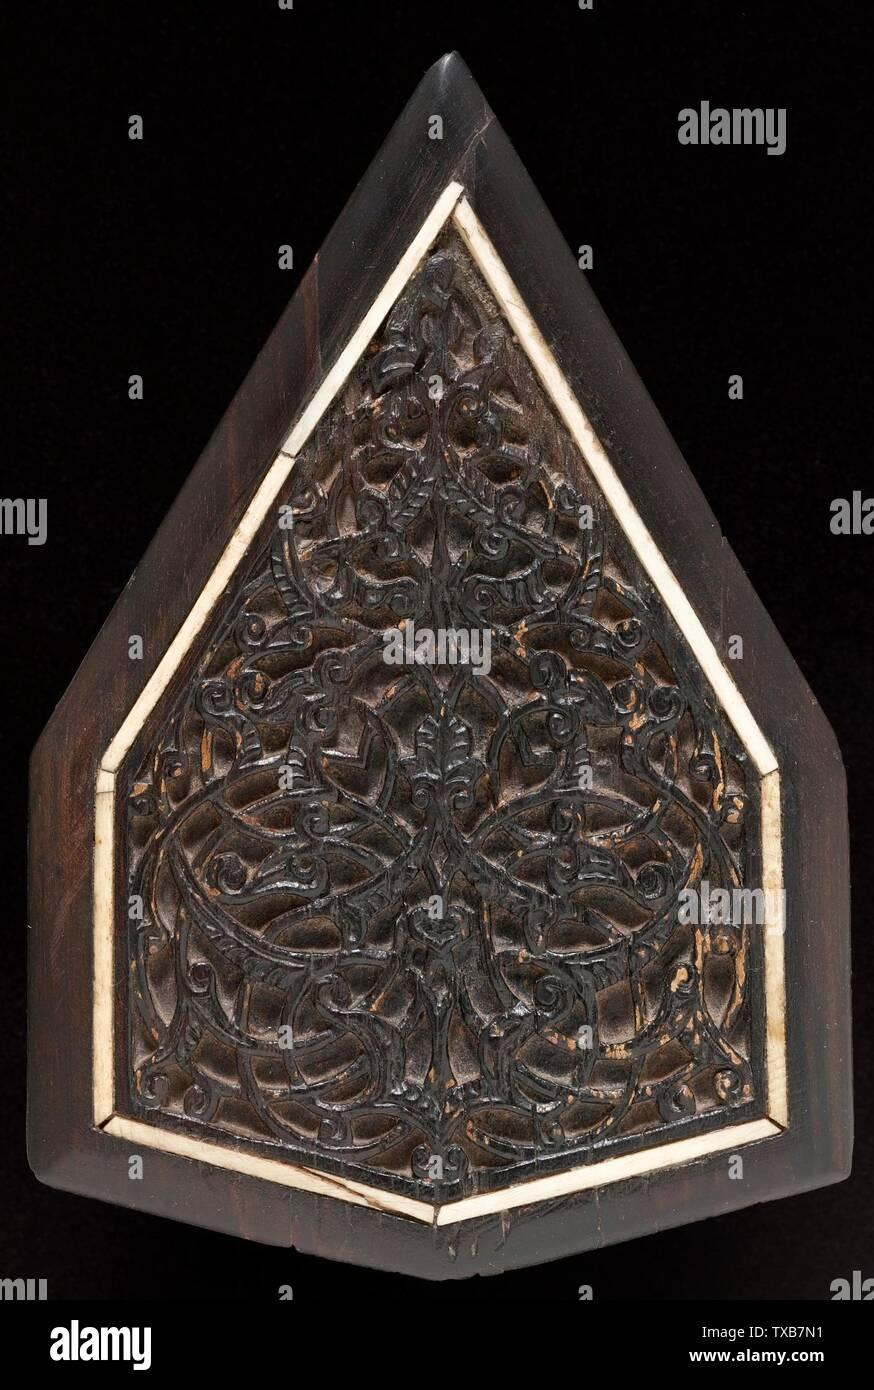 'Panel; Anglais: l'Égypte, vers 1340; accessoires de meubles en ébène, incrusté d'os x 6 7/8 5 3/4 in. (17,46 x 14,61 cm) acheté avec des fonds fournis par le Joan Palevsky Legs (M.2006.140.3) L'Art Islamique en ce moment sur la vue du public: Ahmanson bâtiment, étage 4; années 1340 QS date:P571,+1340-00-00T00:00:00Z/9,P1480,Q5727902; ' Photo Stock